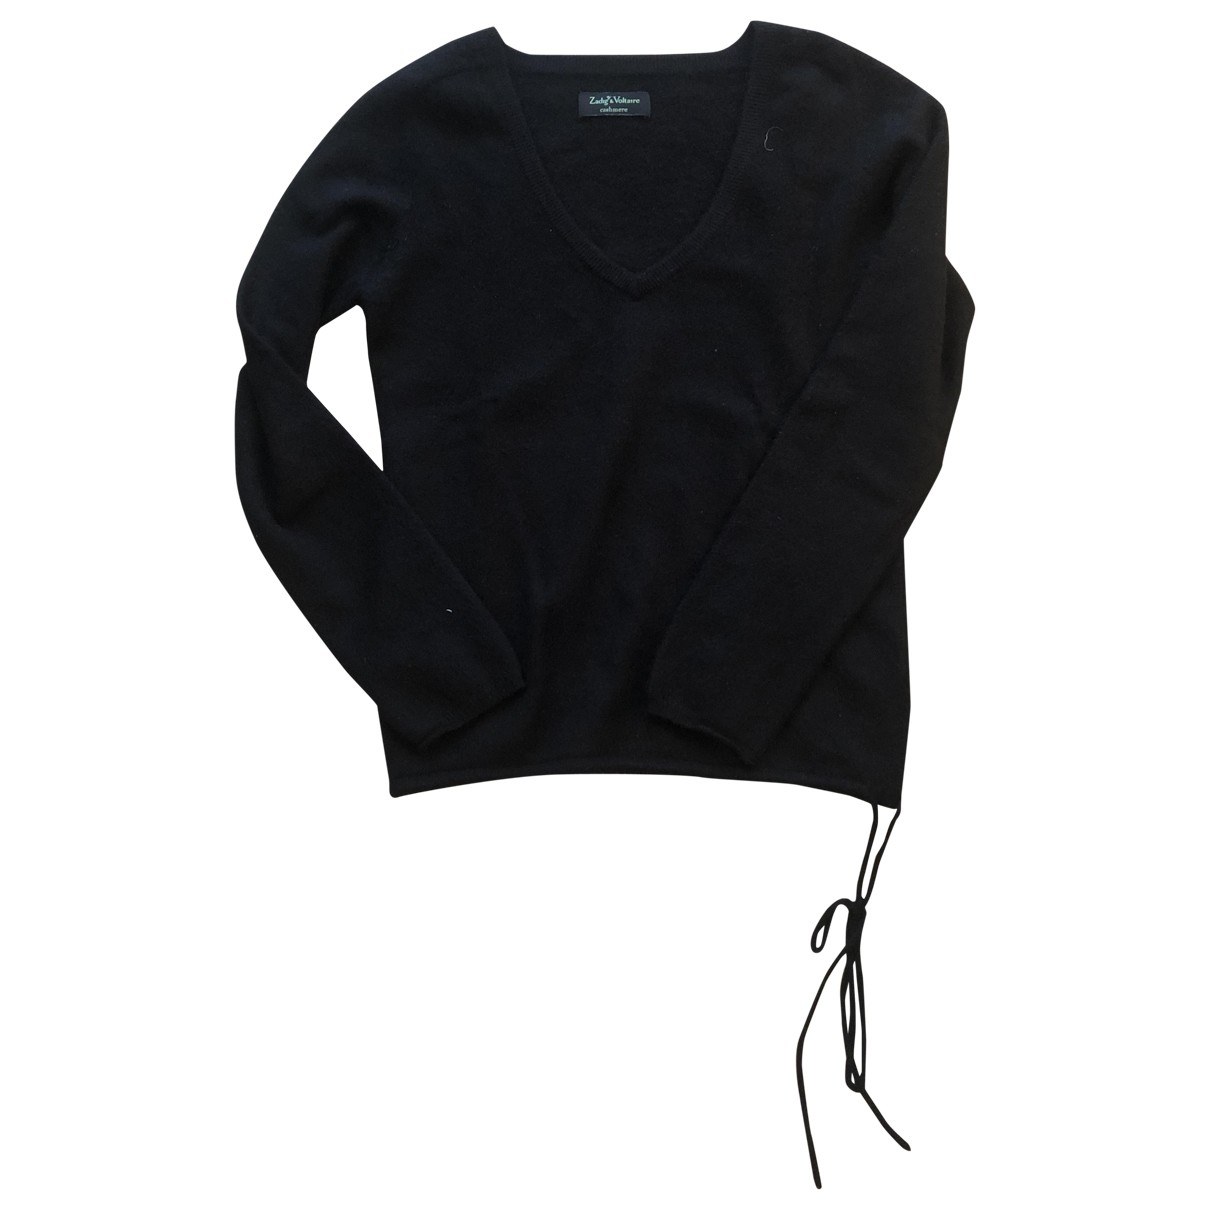 Zadig & Voltaire - Pull   pour femme en cachemire - noir